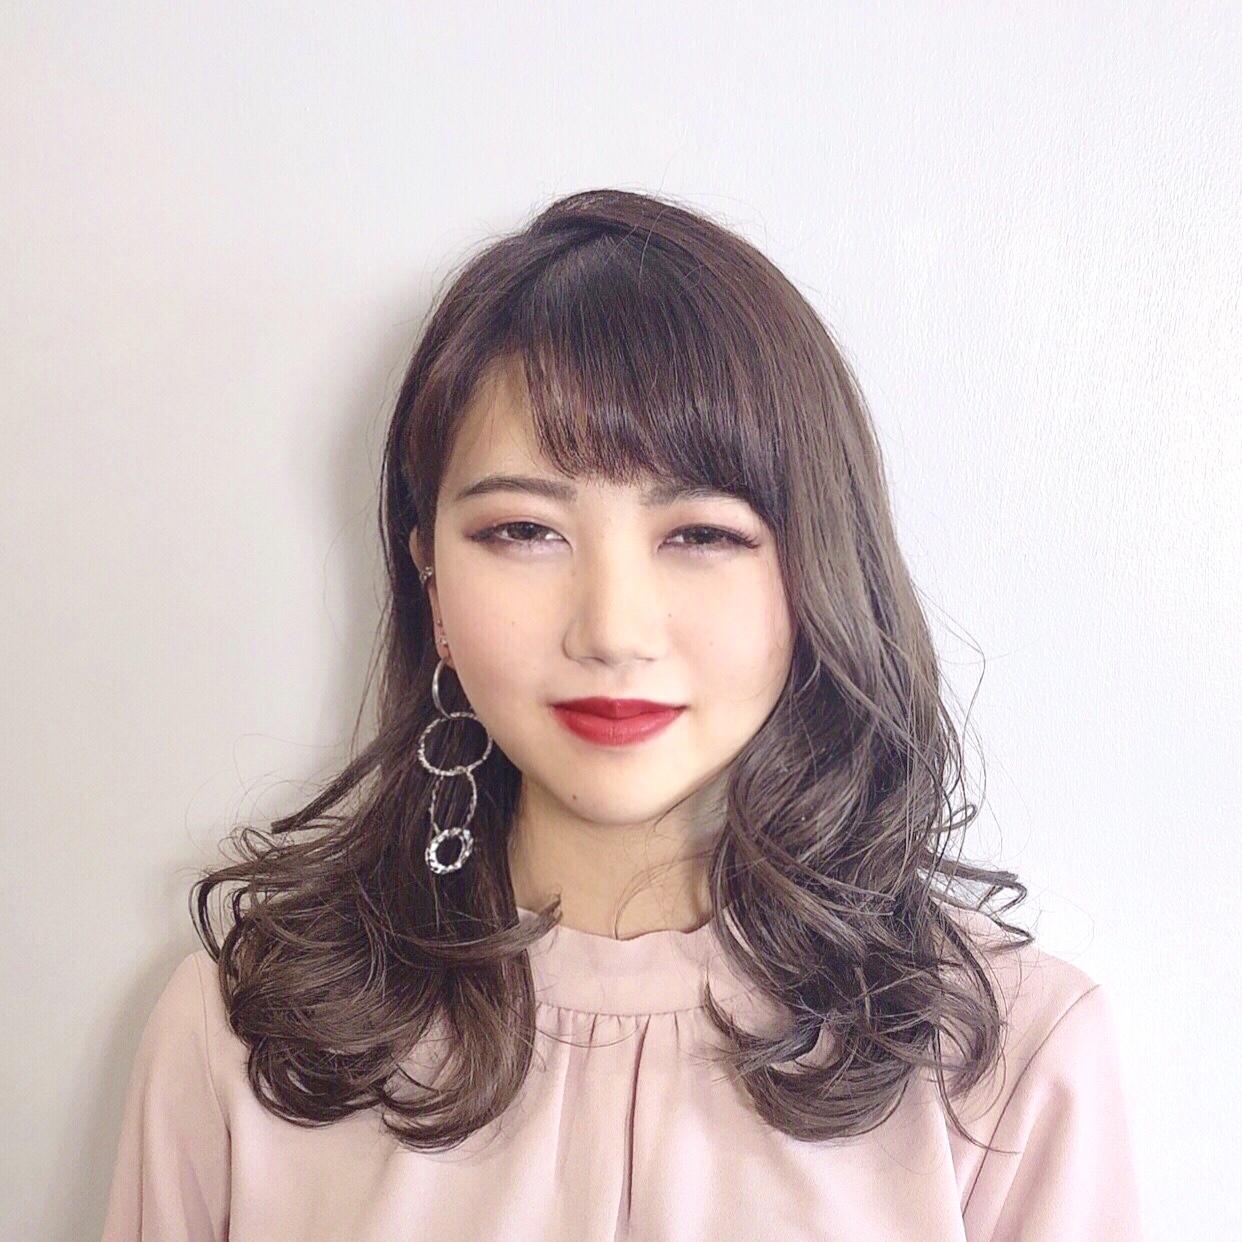 平井 理沙